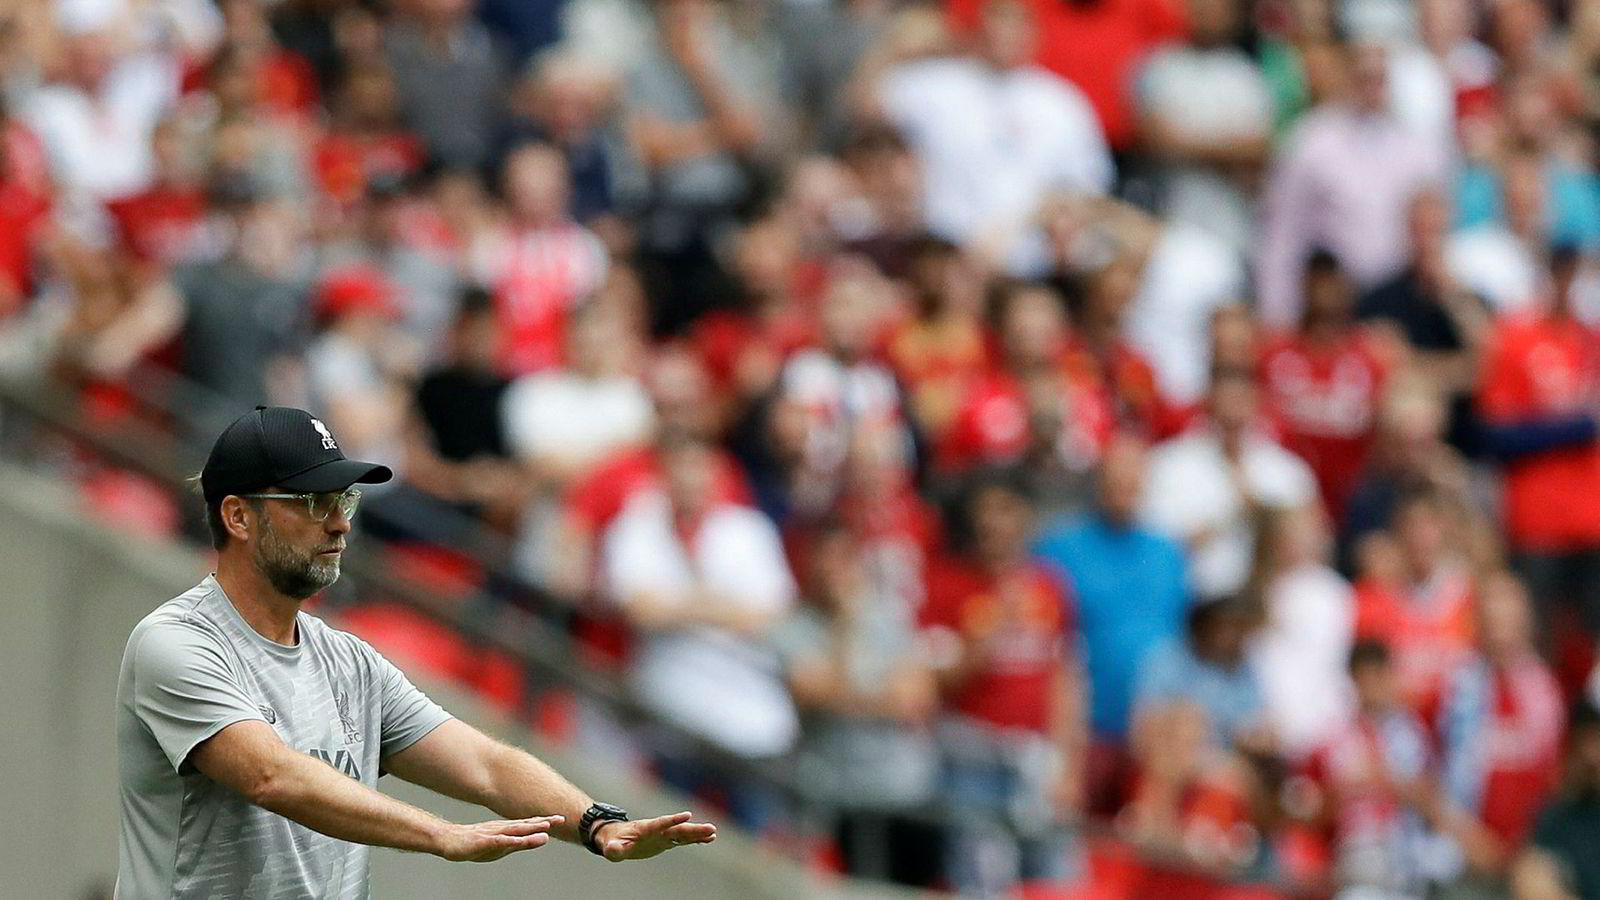 Jürgen Klopp, her i aksjon mot Manchester City søndag, blir å se på stadig flere TV-skjermer denne sesongen.